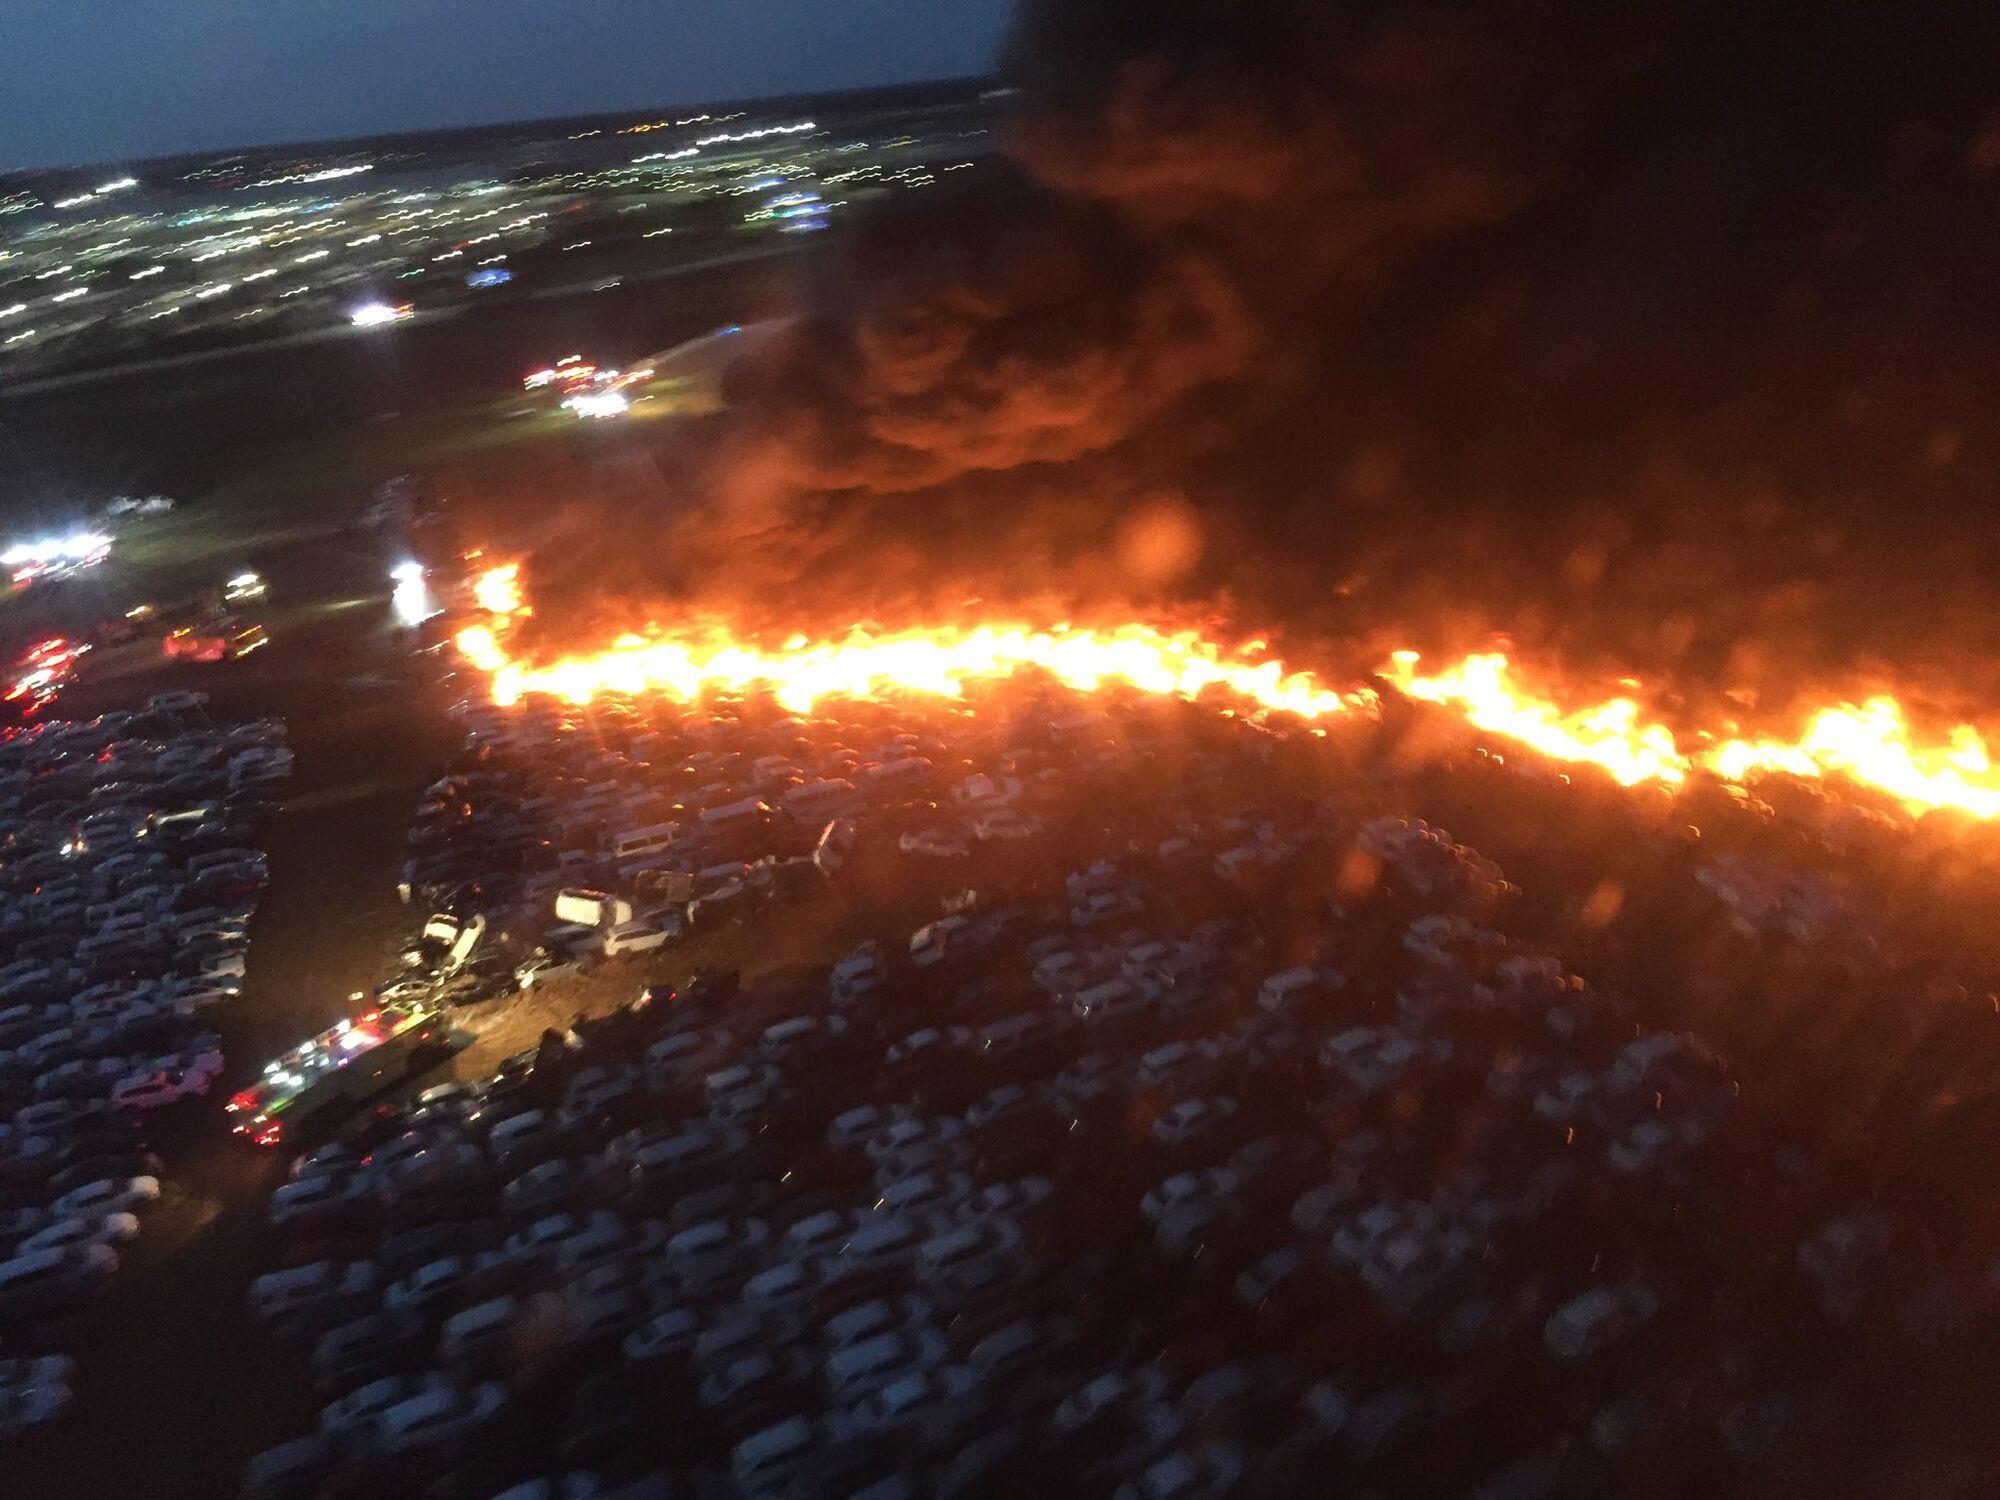 Огненный апокалипсис в аэропорту Флориды: масштабный пожар уничтожил более 3500 авто